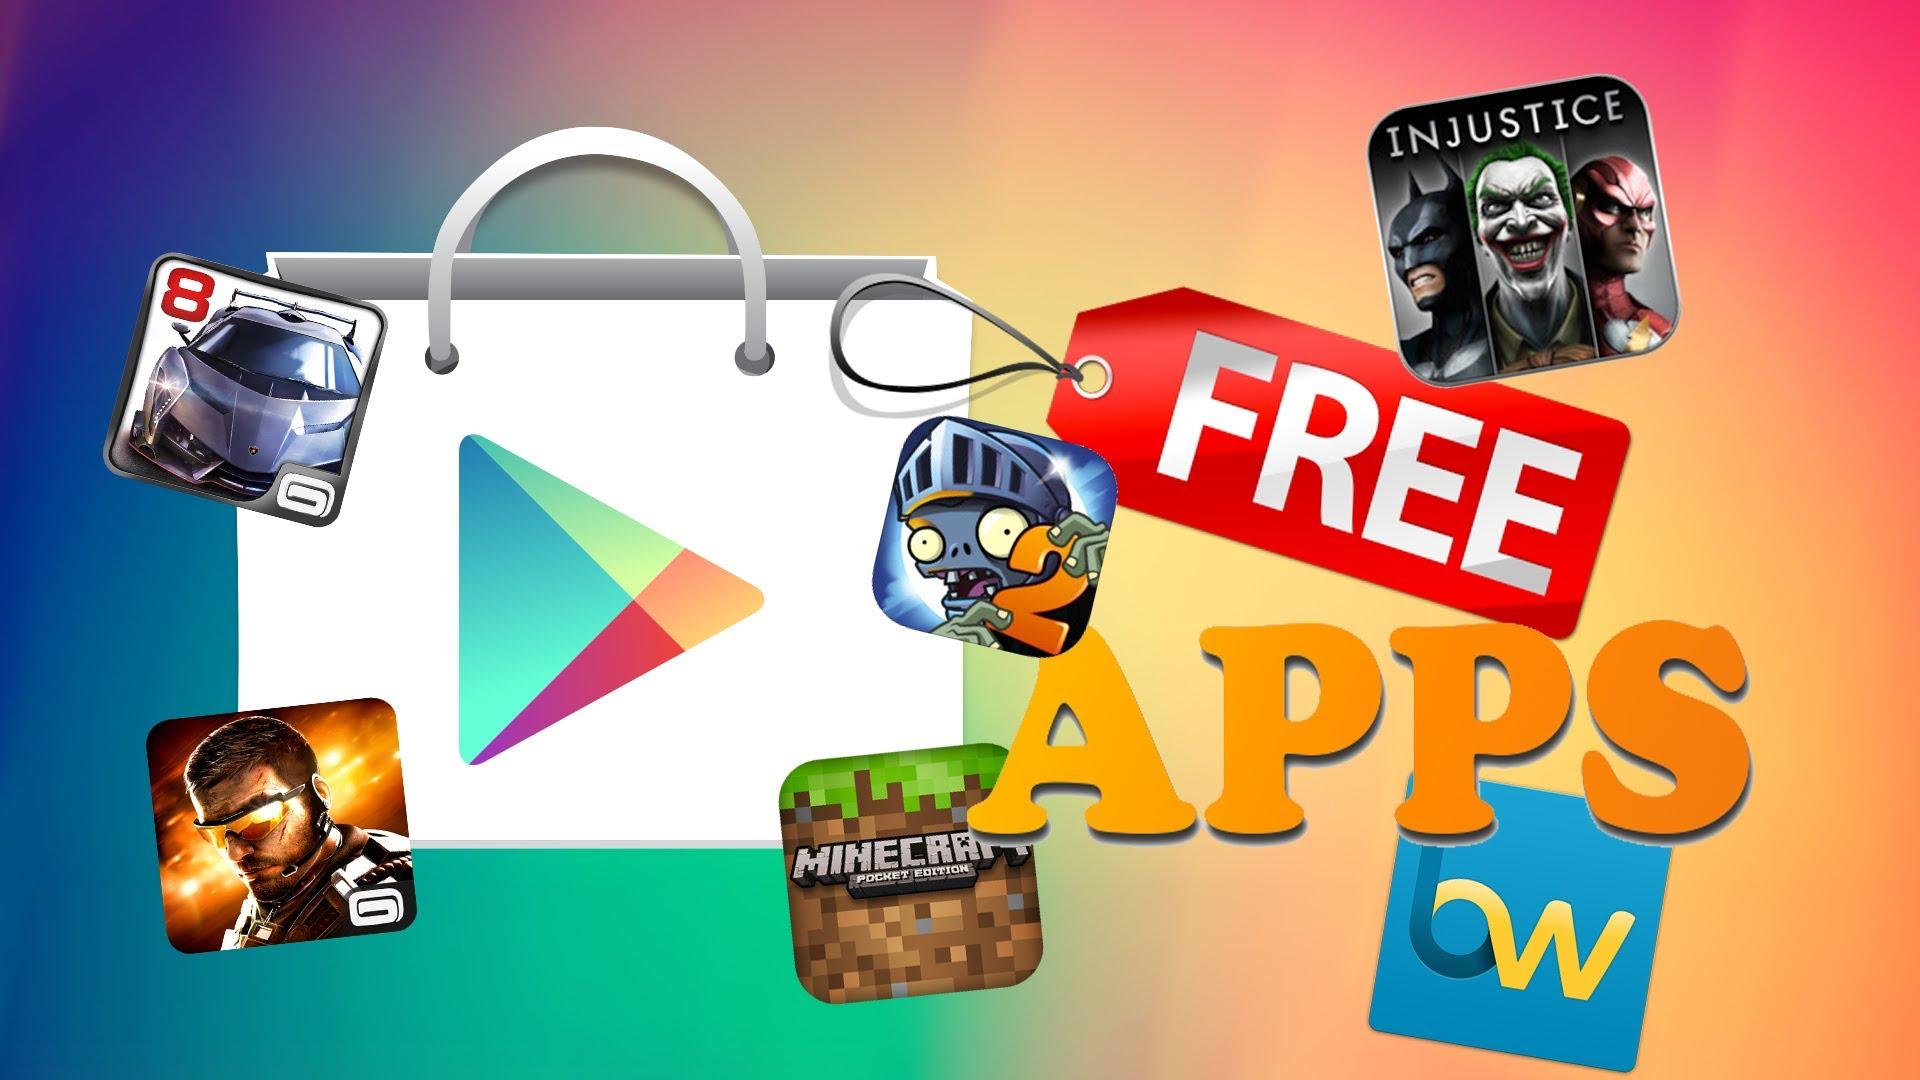 Mời tải 12 ứng dụng dành cho Android đang được miễn phí hoặc giảm giá trong thời gian ngắn